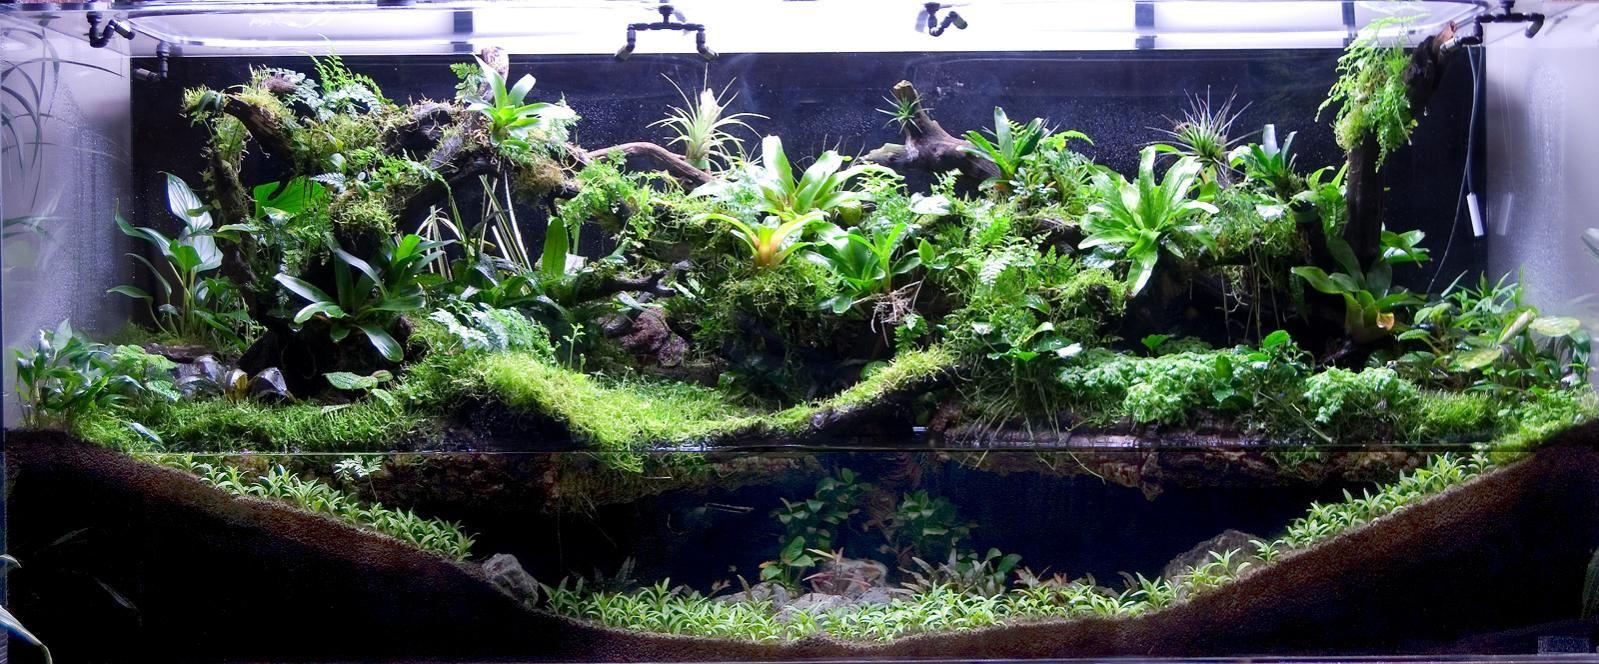 Fish tank terrarium - Tanks Paludarium